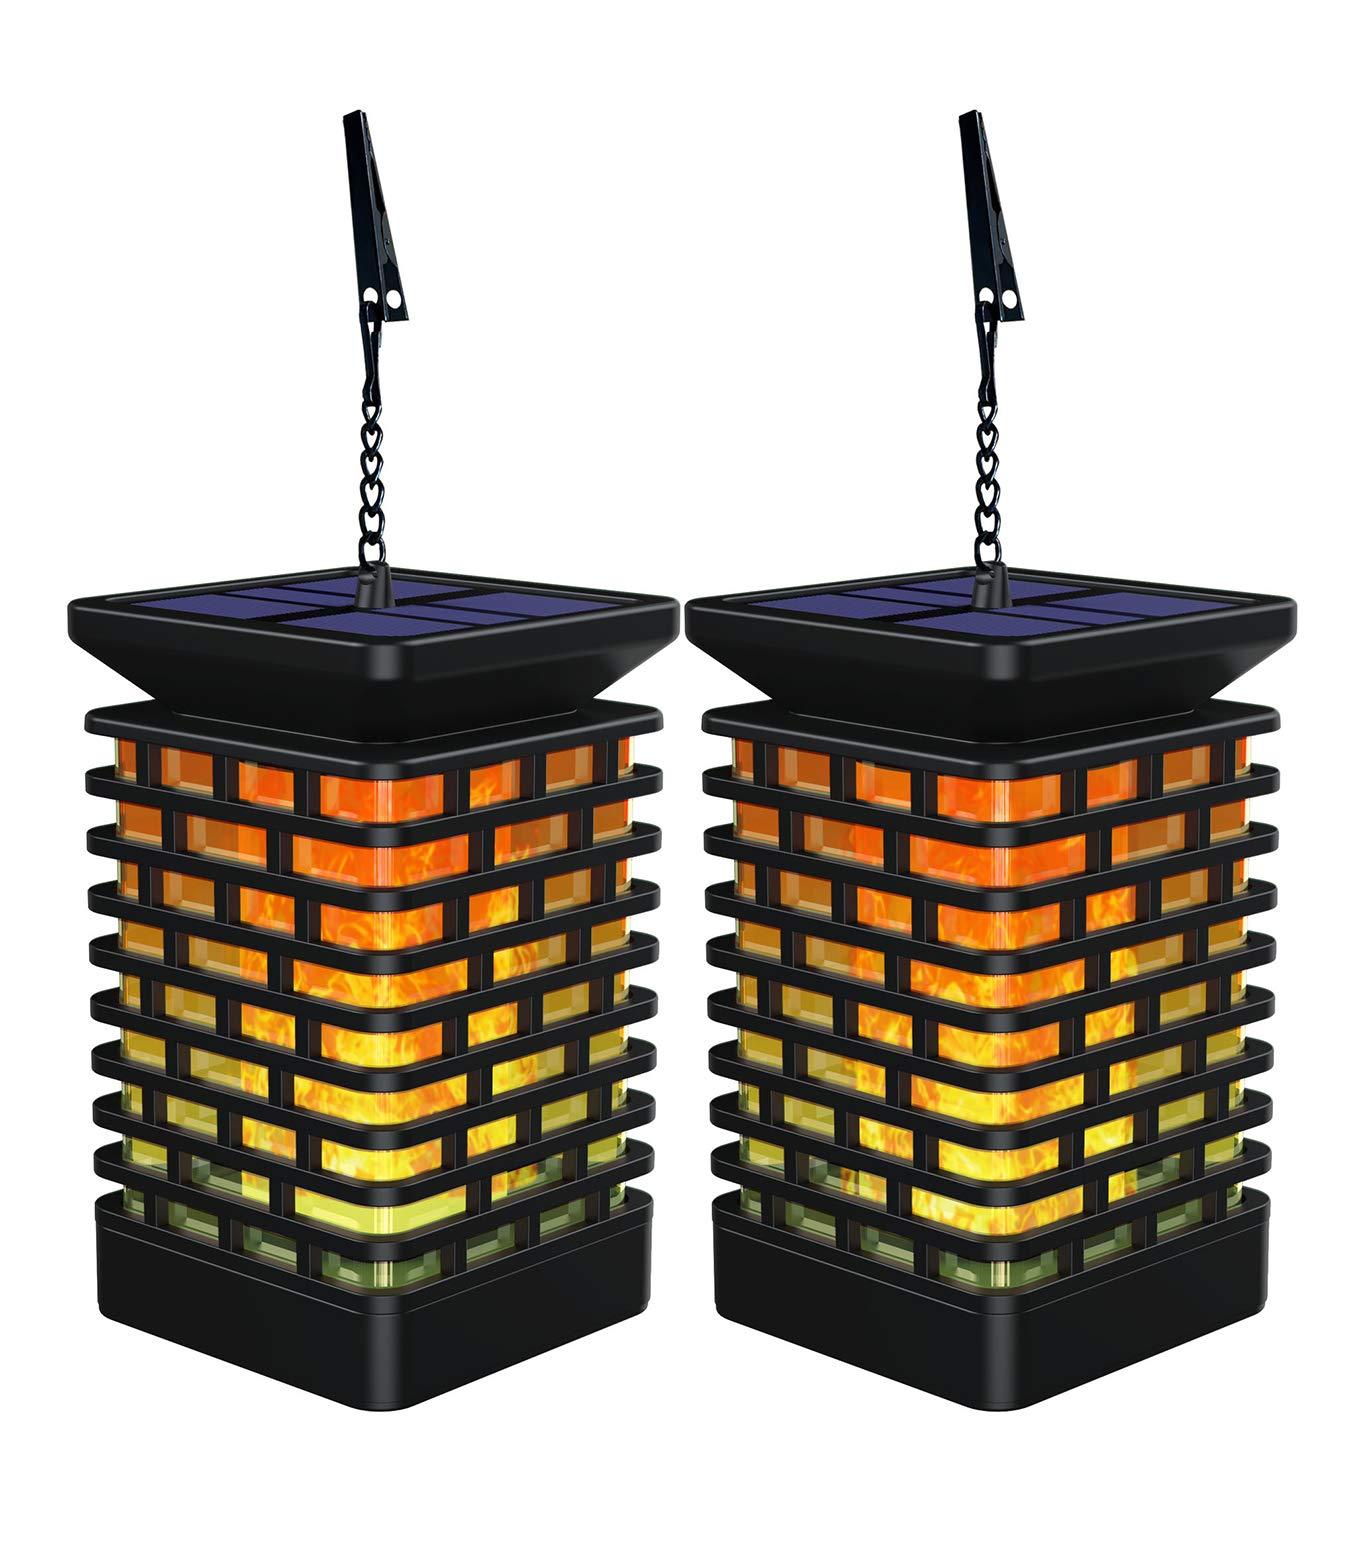 Martiount Linterna solar Luces de Jardín Farolillos Solares Exterior Llamas Lámpara con Llamas Parpadeantes para Decoración Jardín IP55 Impermeable 2 Pack: Amazon.es: Iluminación